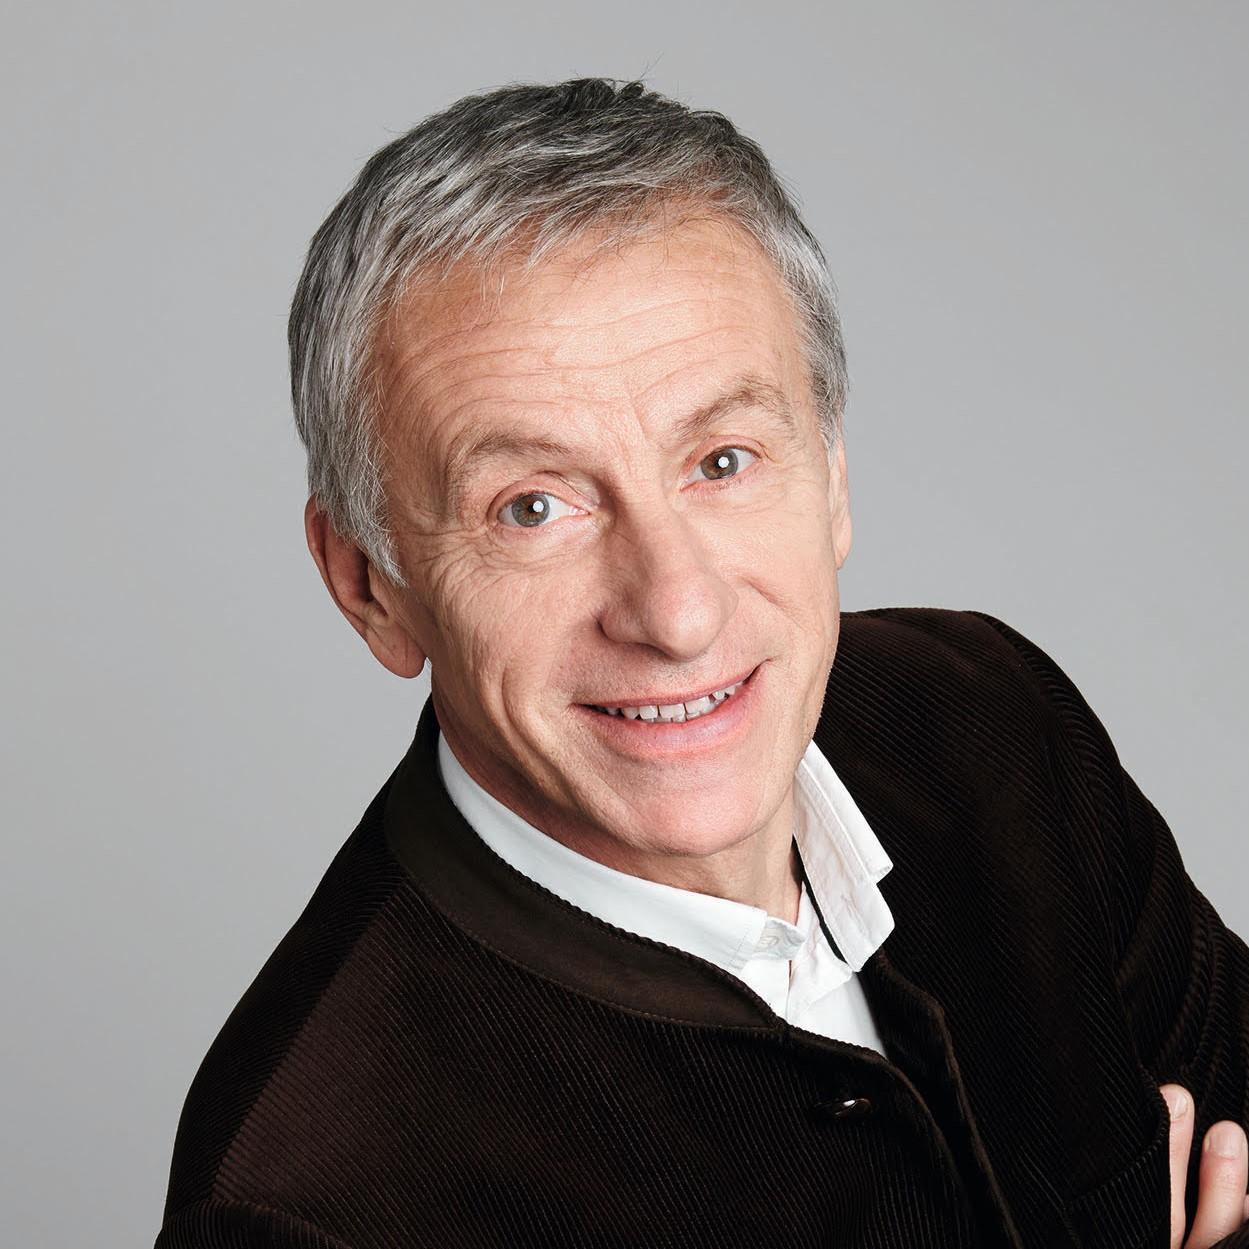 Portrait deJean-Christophe RUFIN - parrain du Salon du Livre de Royat-Chamalières 2020 crédit photo Pascal Ito éditions Flammarion